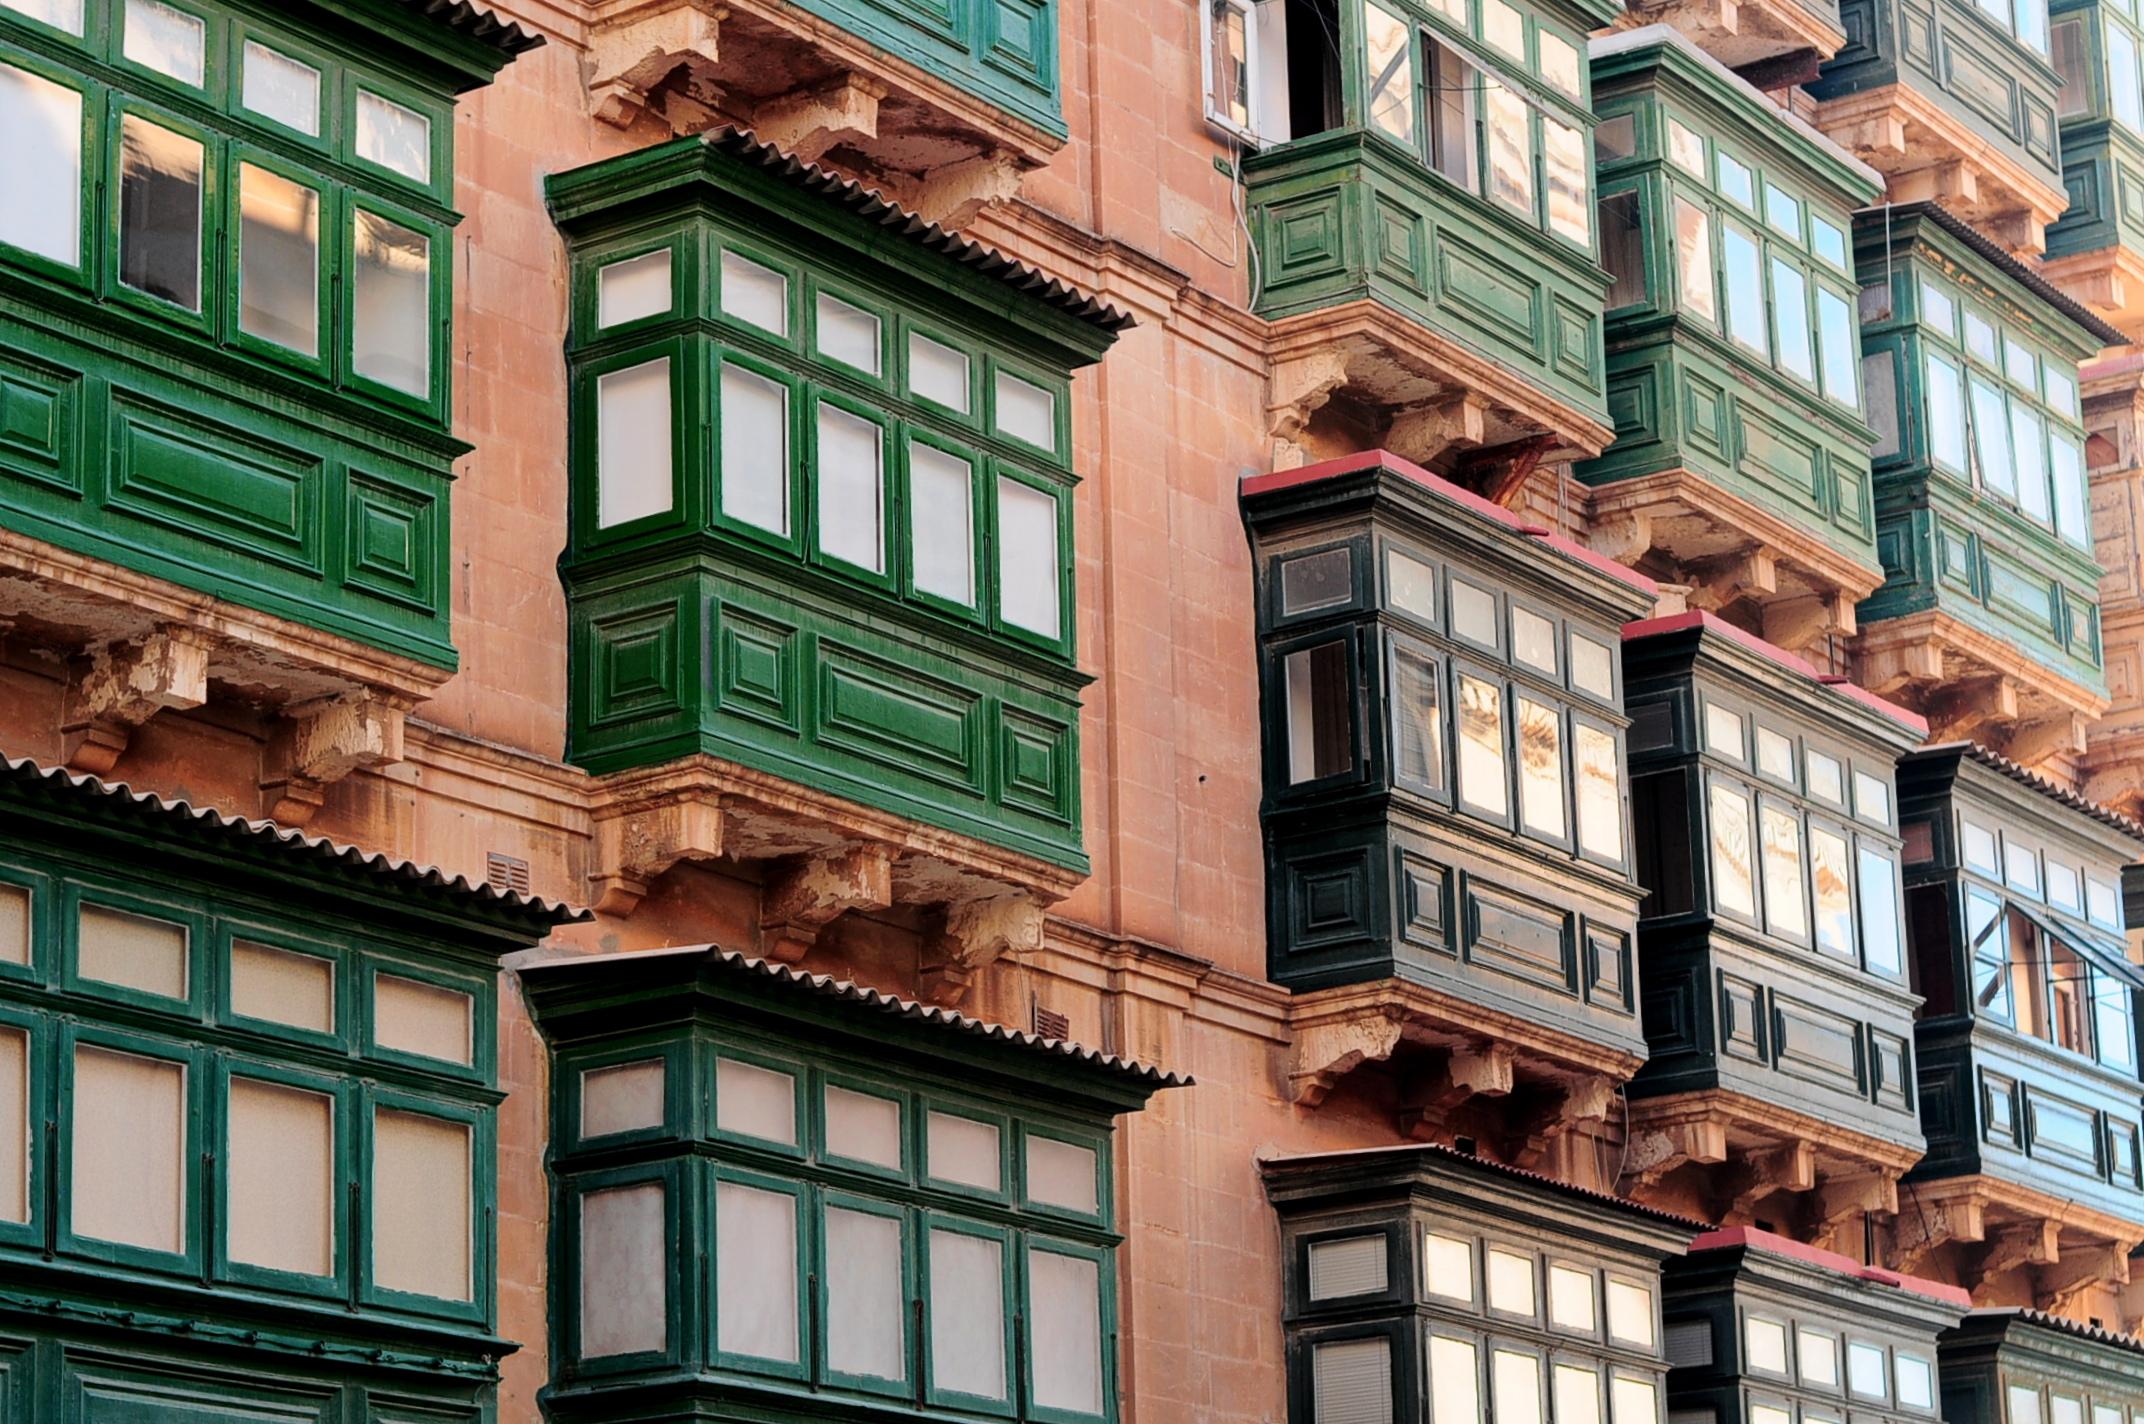 Charakterystyczne kolorowe balkony w stolicy Malty źródło: www.instagram.com/kacpertroc